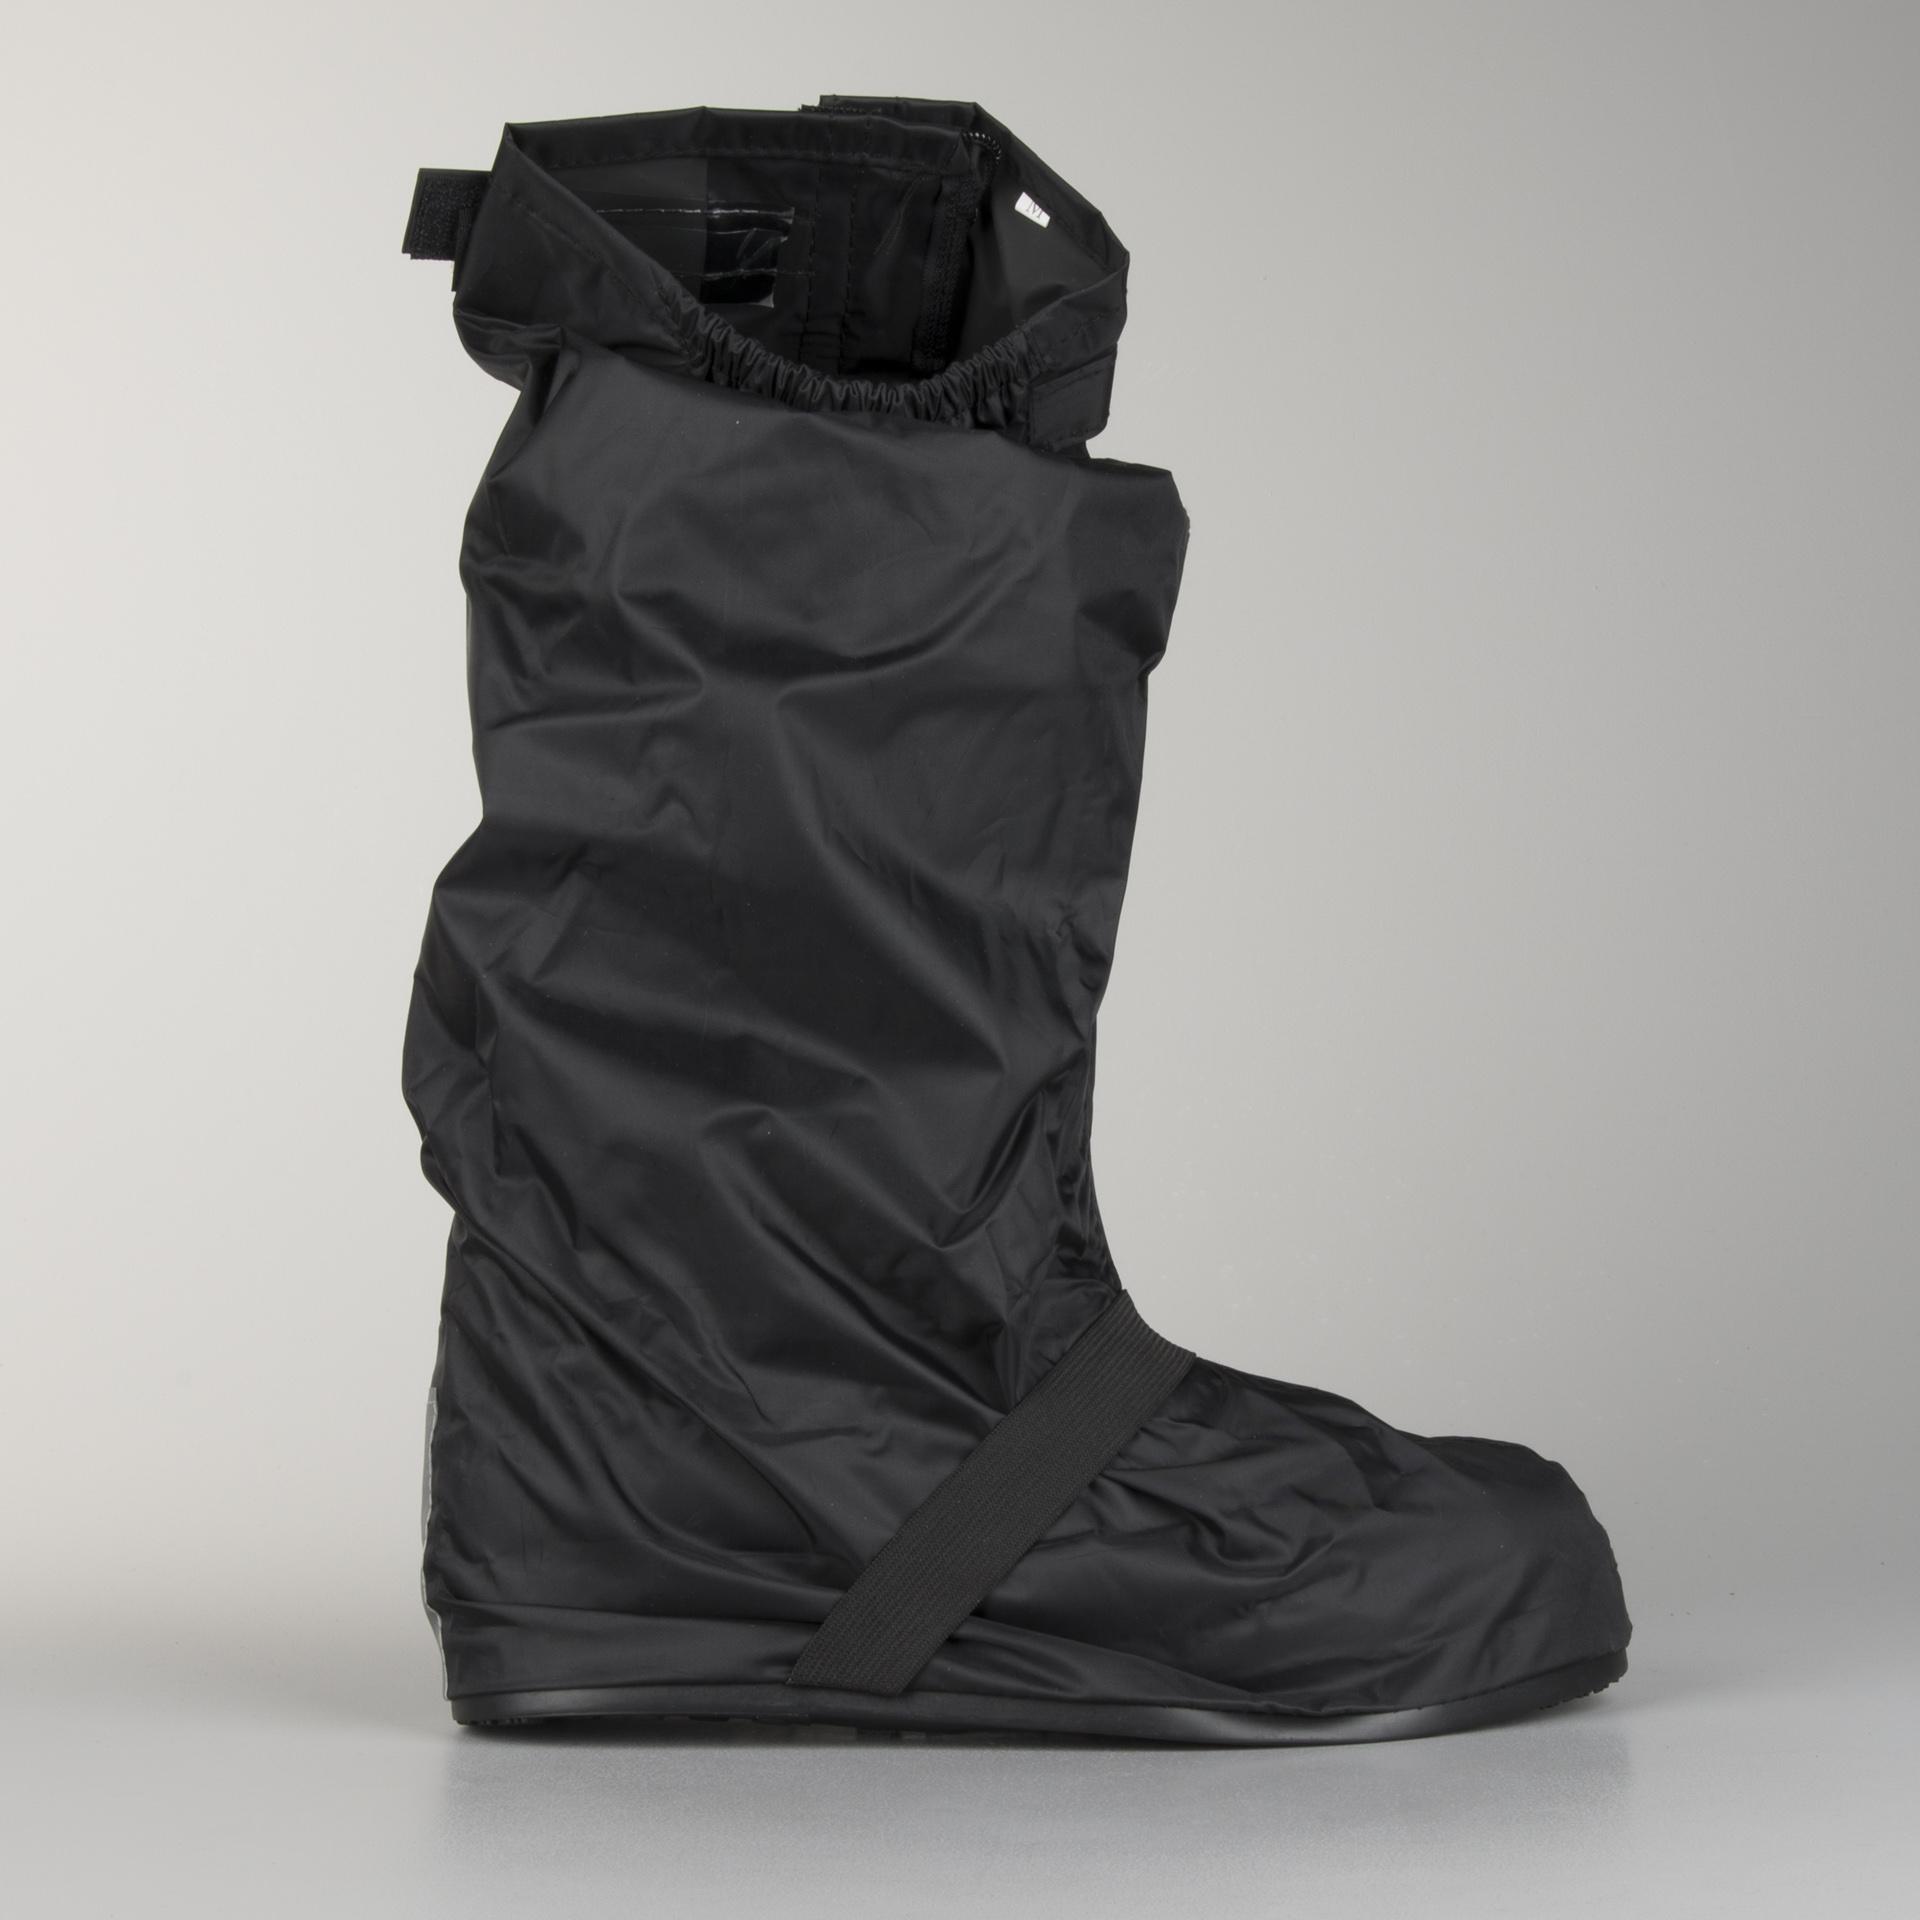 Regnskydd För Boots Booster Heavy Duty Svart